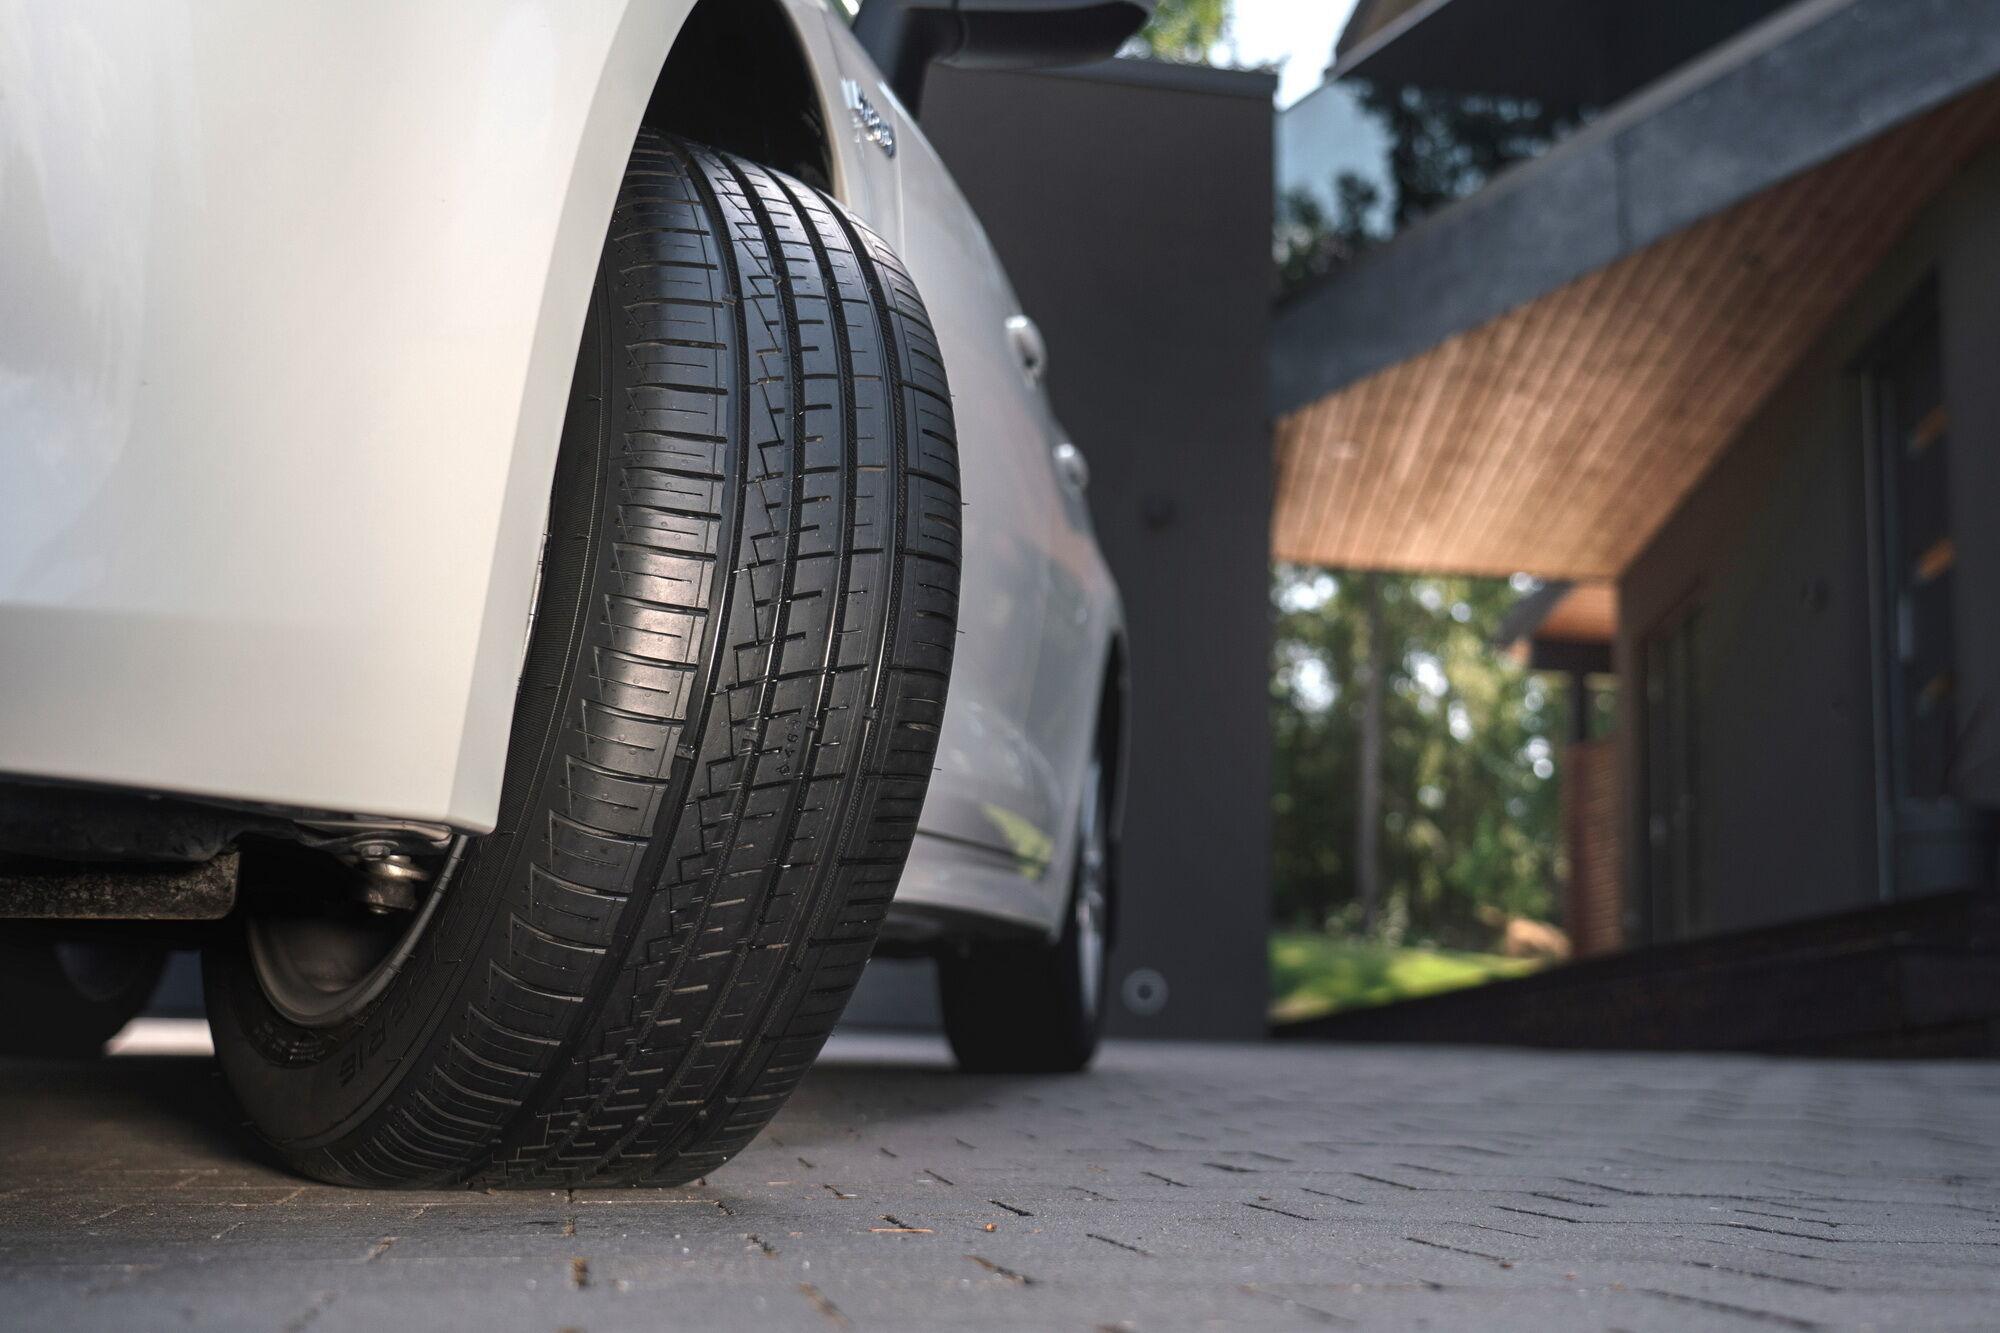 Шины Nokian Hakka Green 3 – оптимальный выбор для компактного городского автомобиля